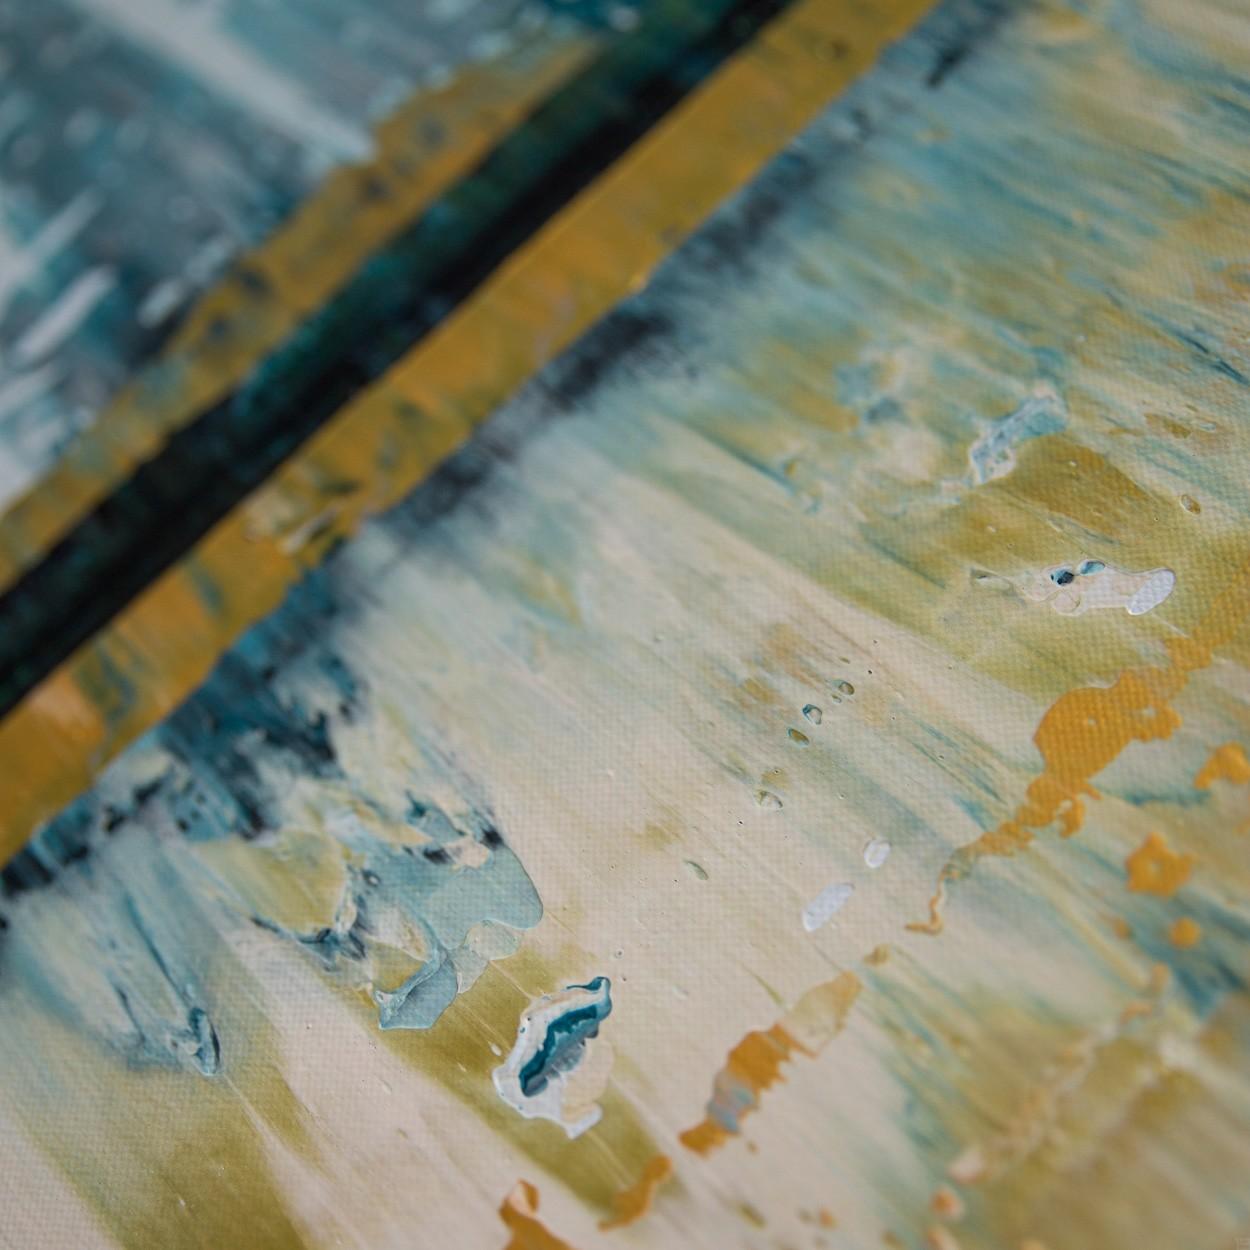 Prisma 6 - Kleiner Fluss, Detail | Malerei von Lali Torma | Acryl auf Leinwand, abstrakt